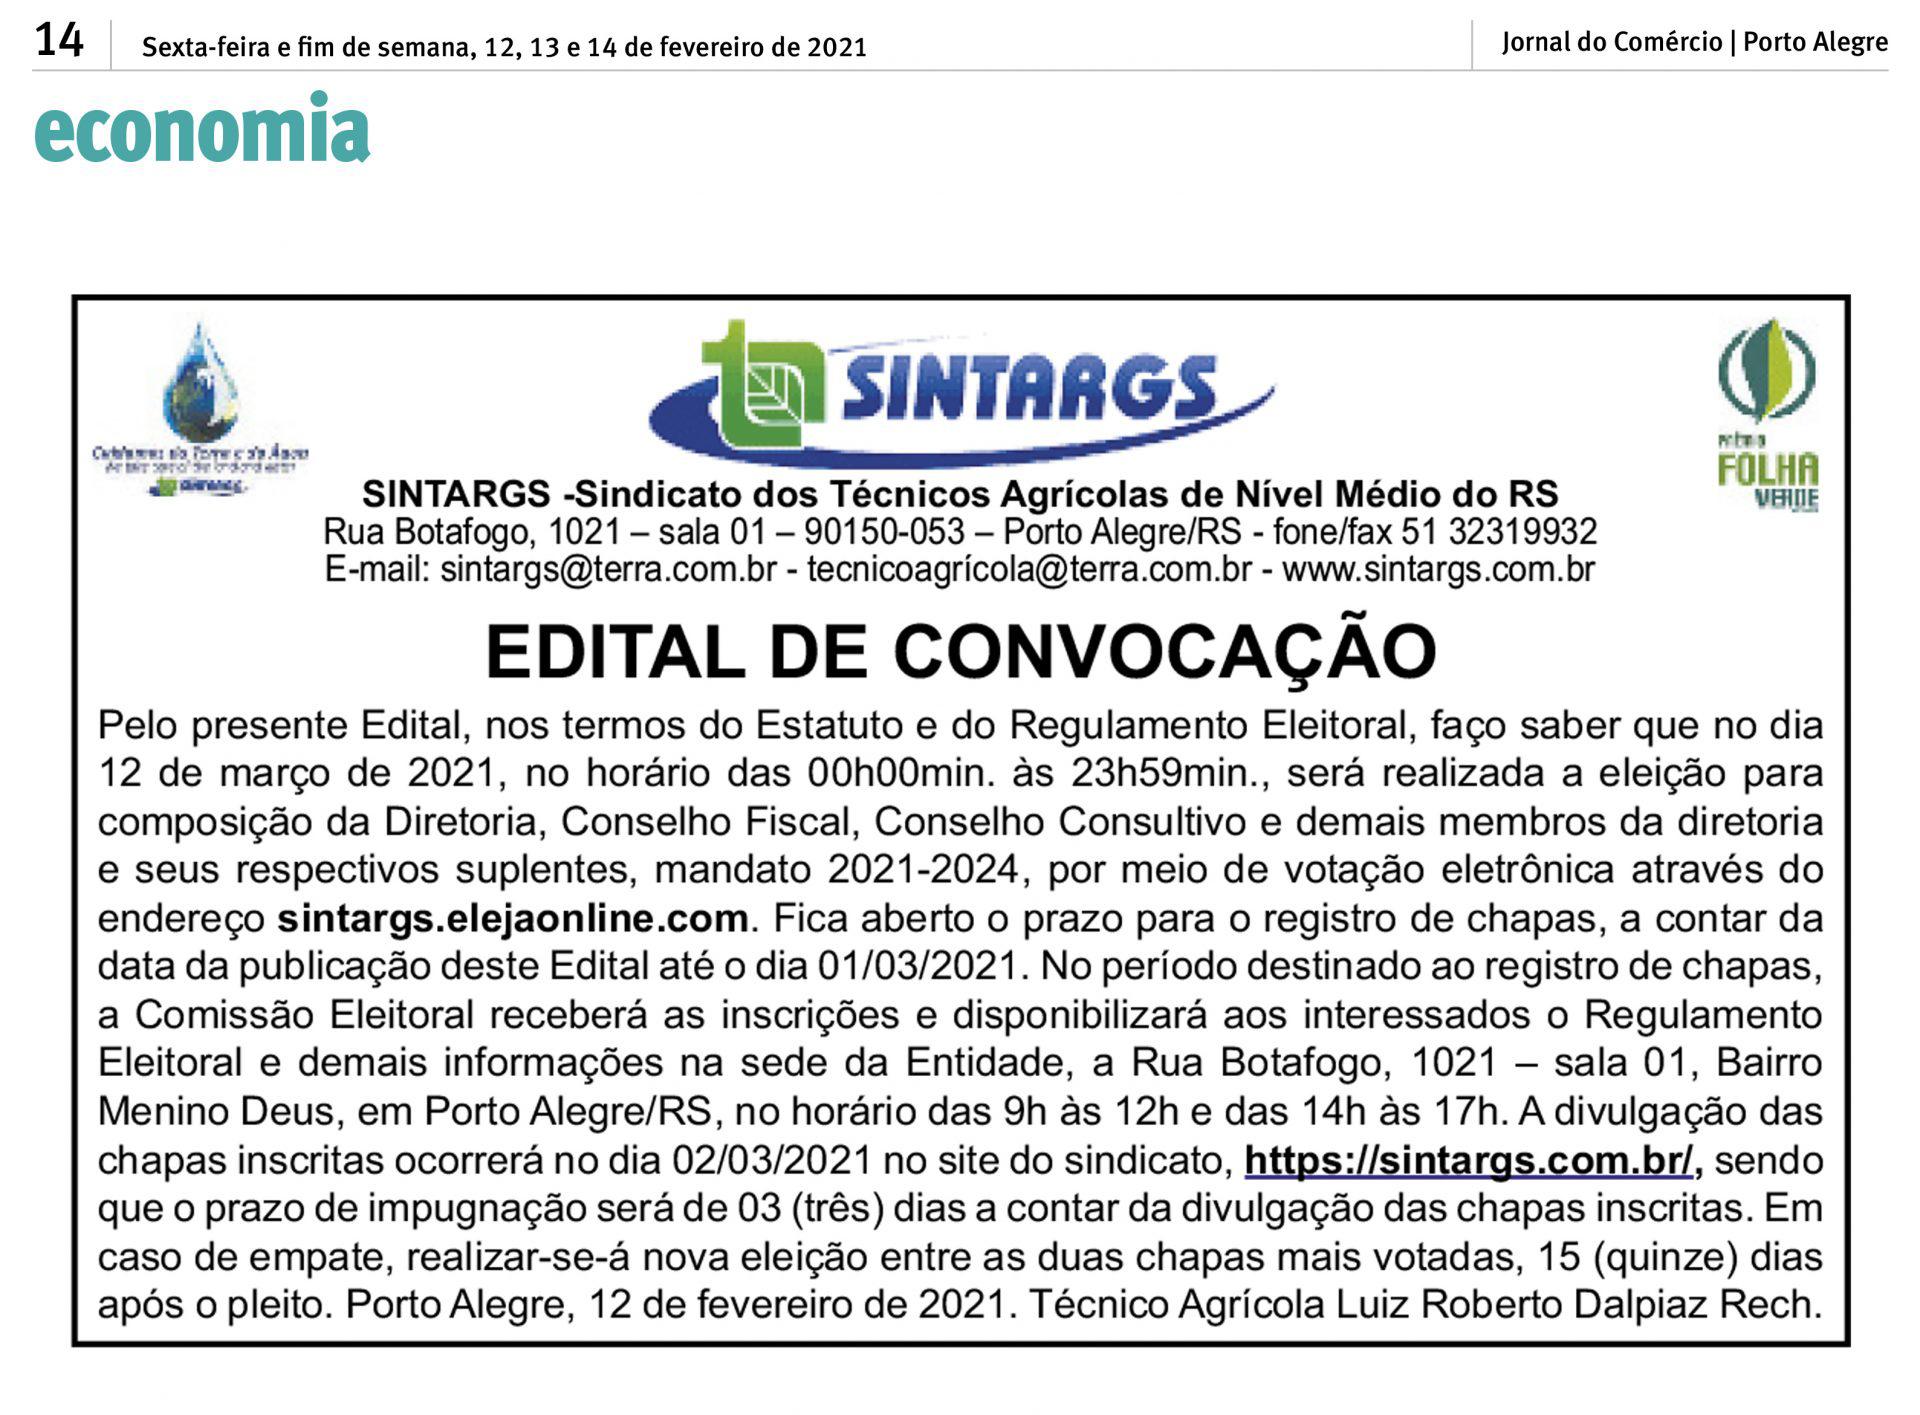 Edital_Convocacao_Elecao_Sintargs_2021-scaled